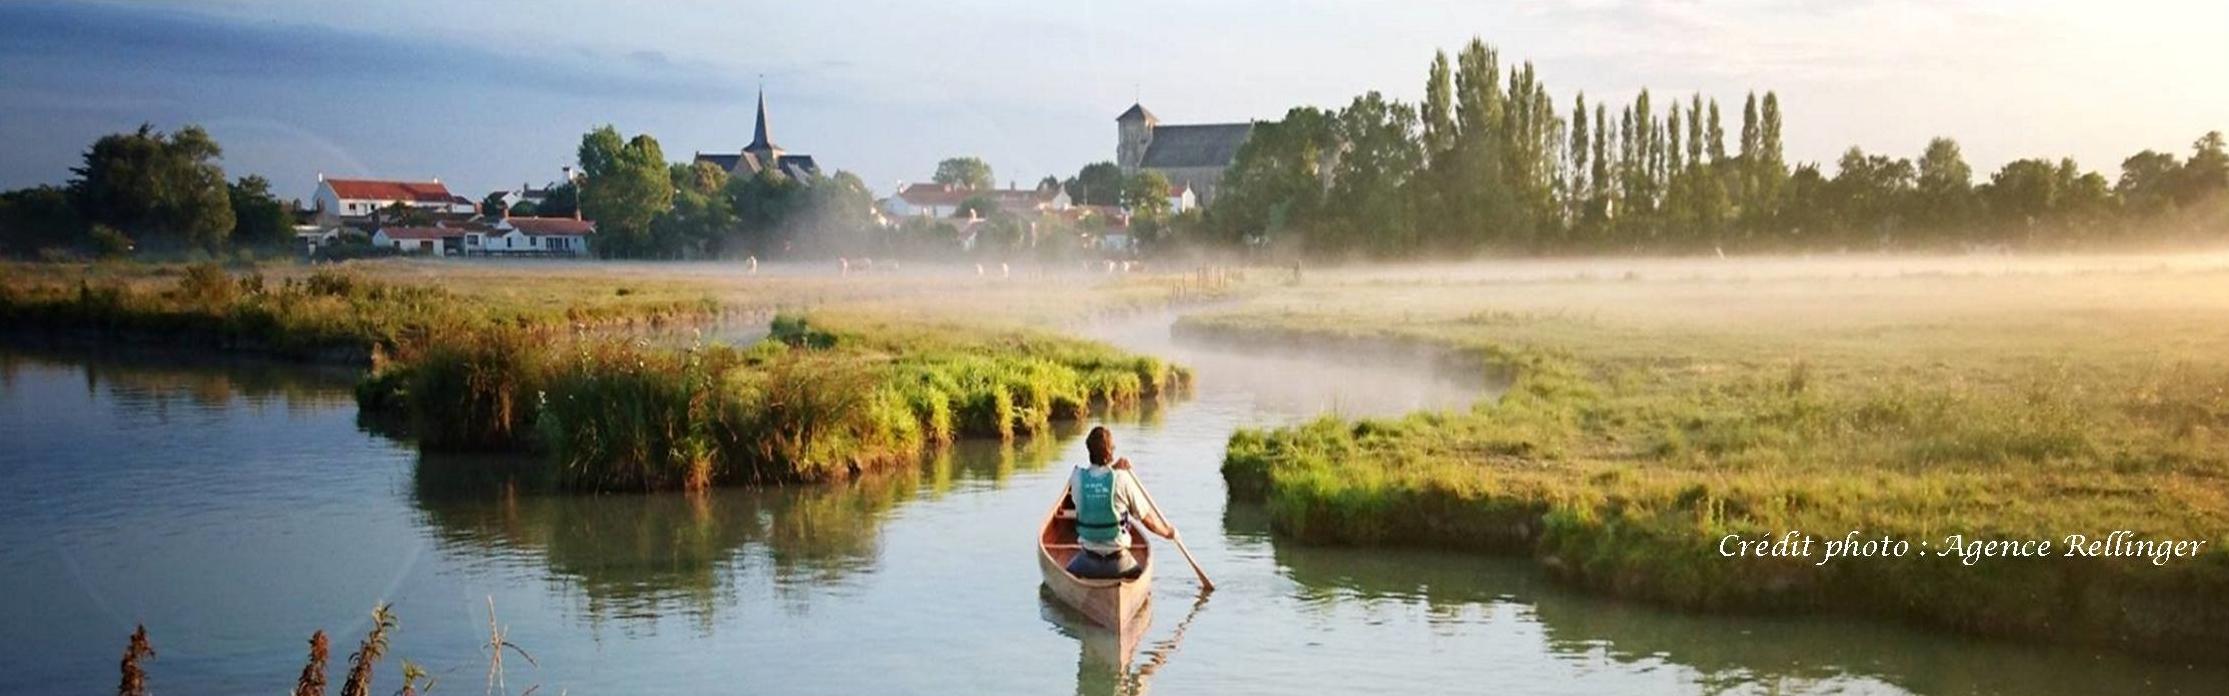 image-canoe-marais-matin